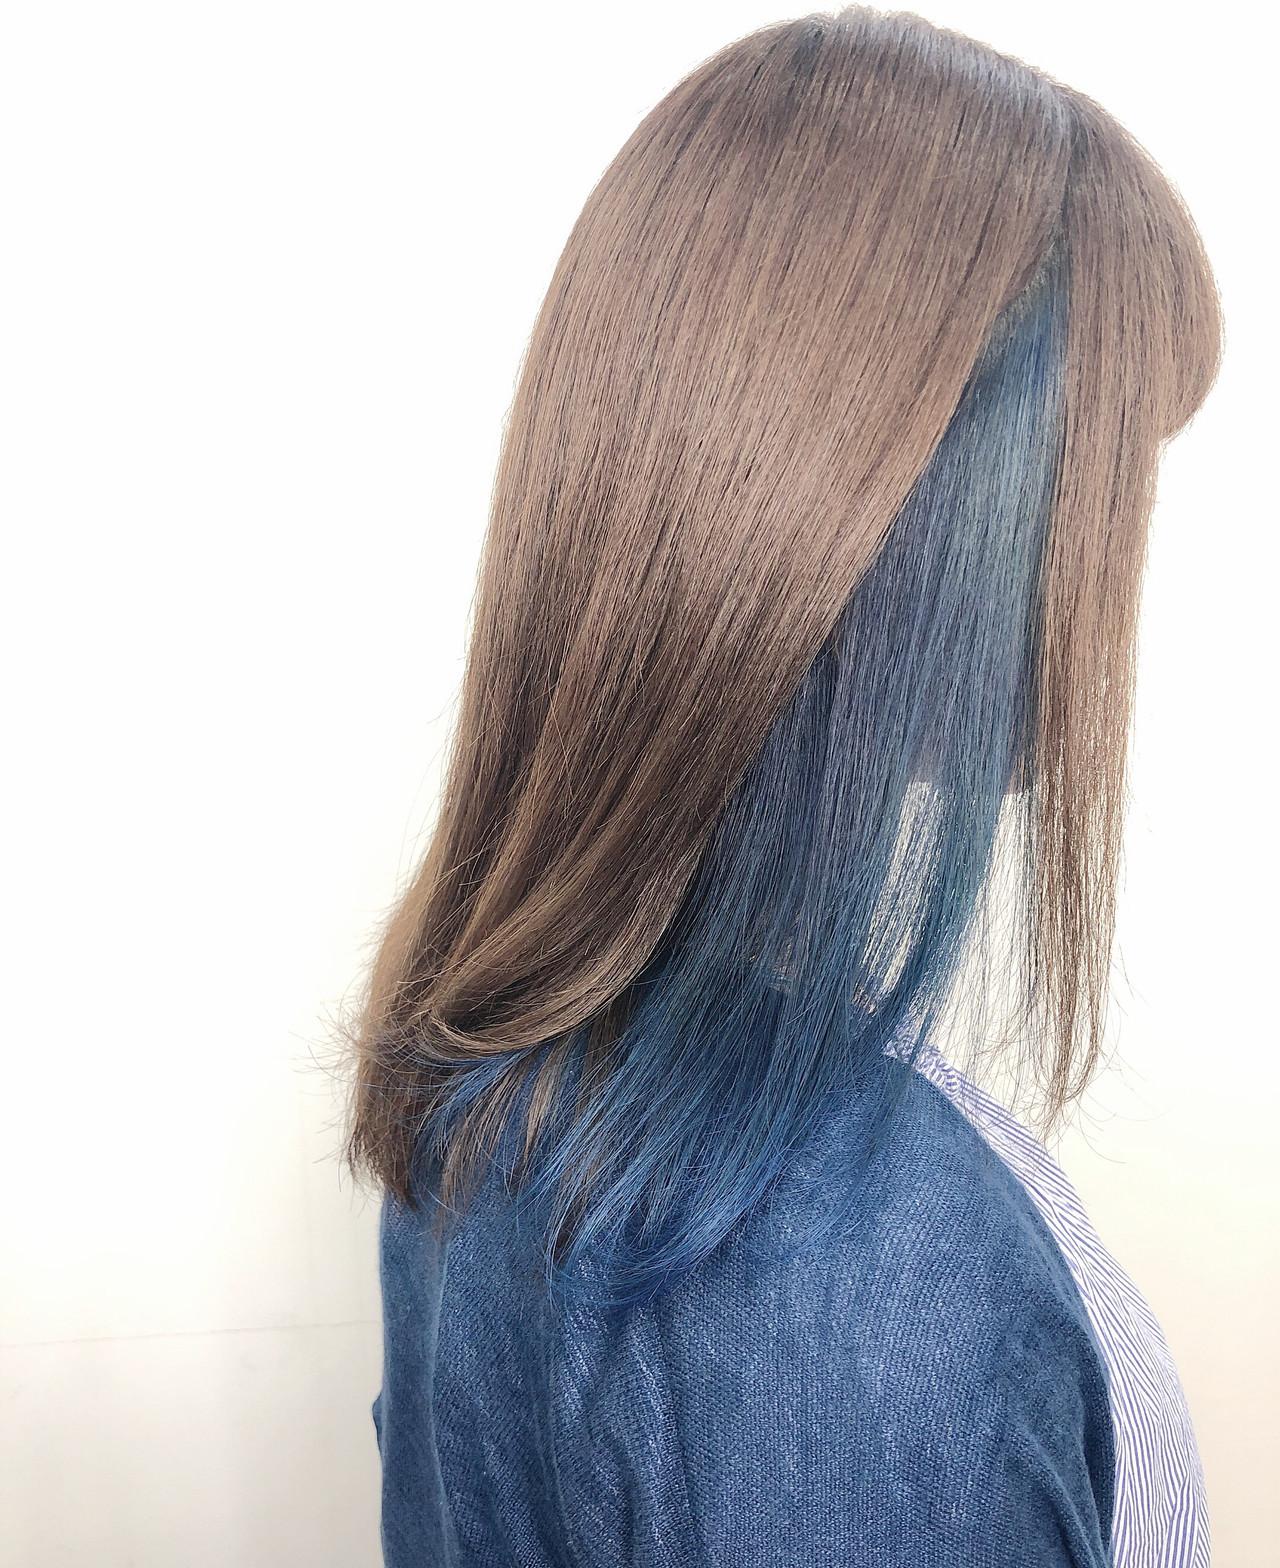 インナーカラー ナチュラル デート 透明感カラー ヘアスタイルや髪型の写真・画像